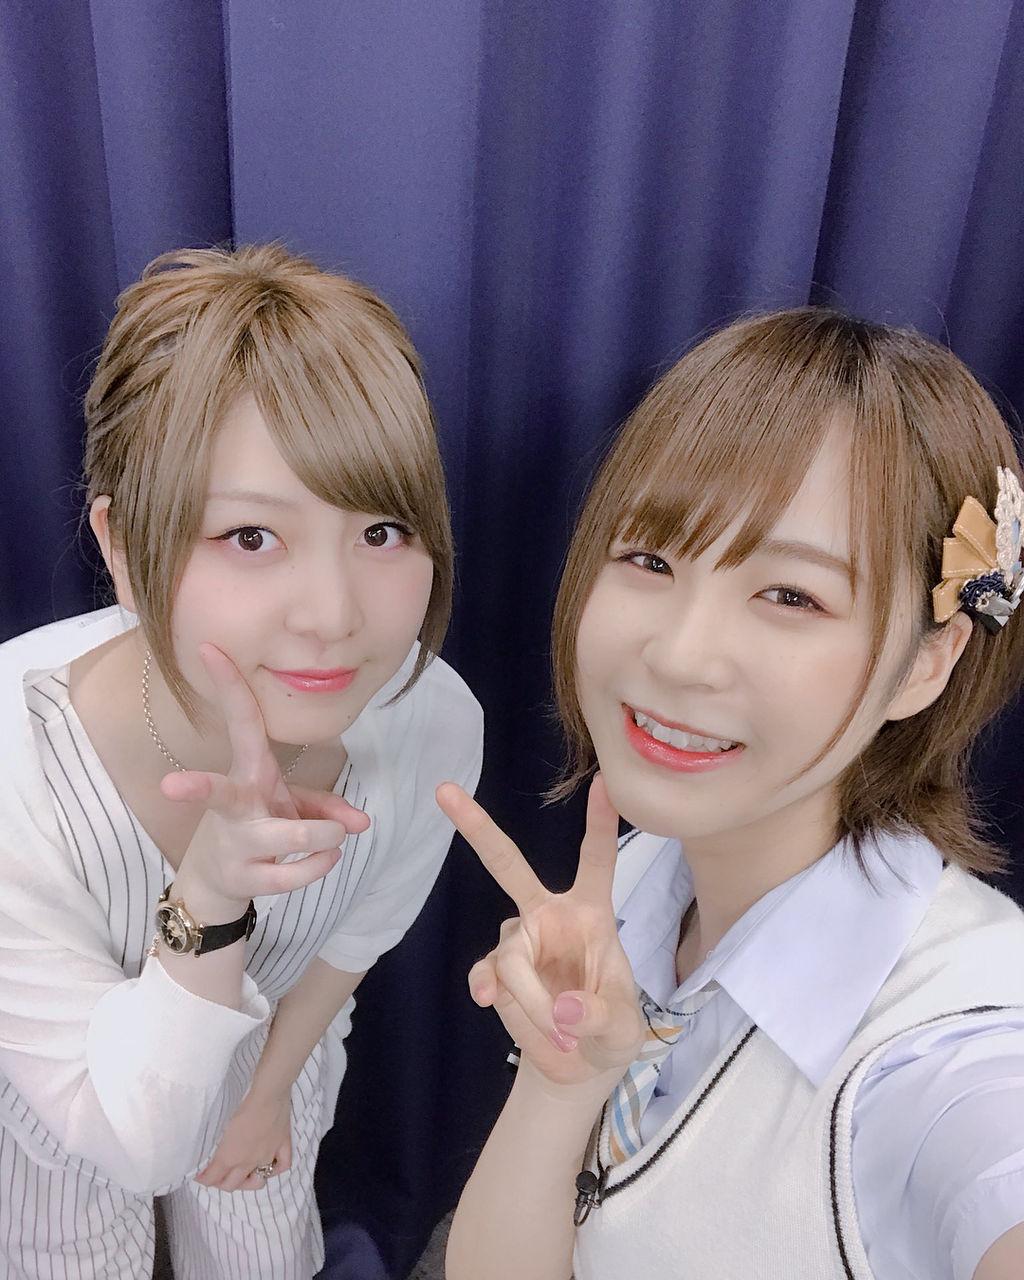 【速報】元AKB48岩田華怜のストーカー、逮捕